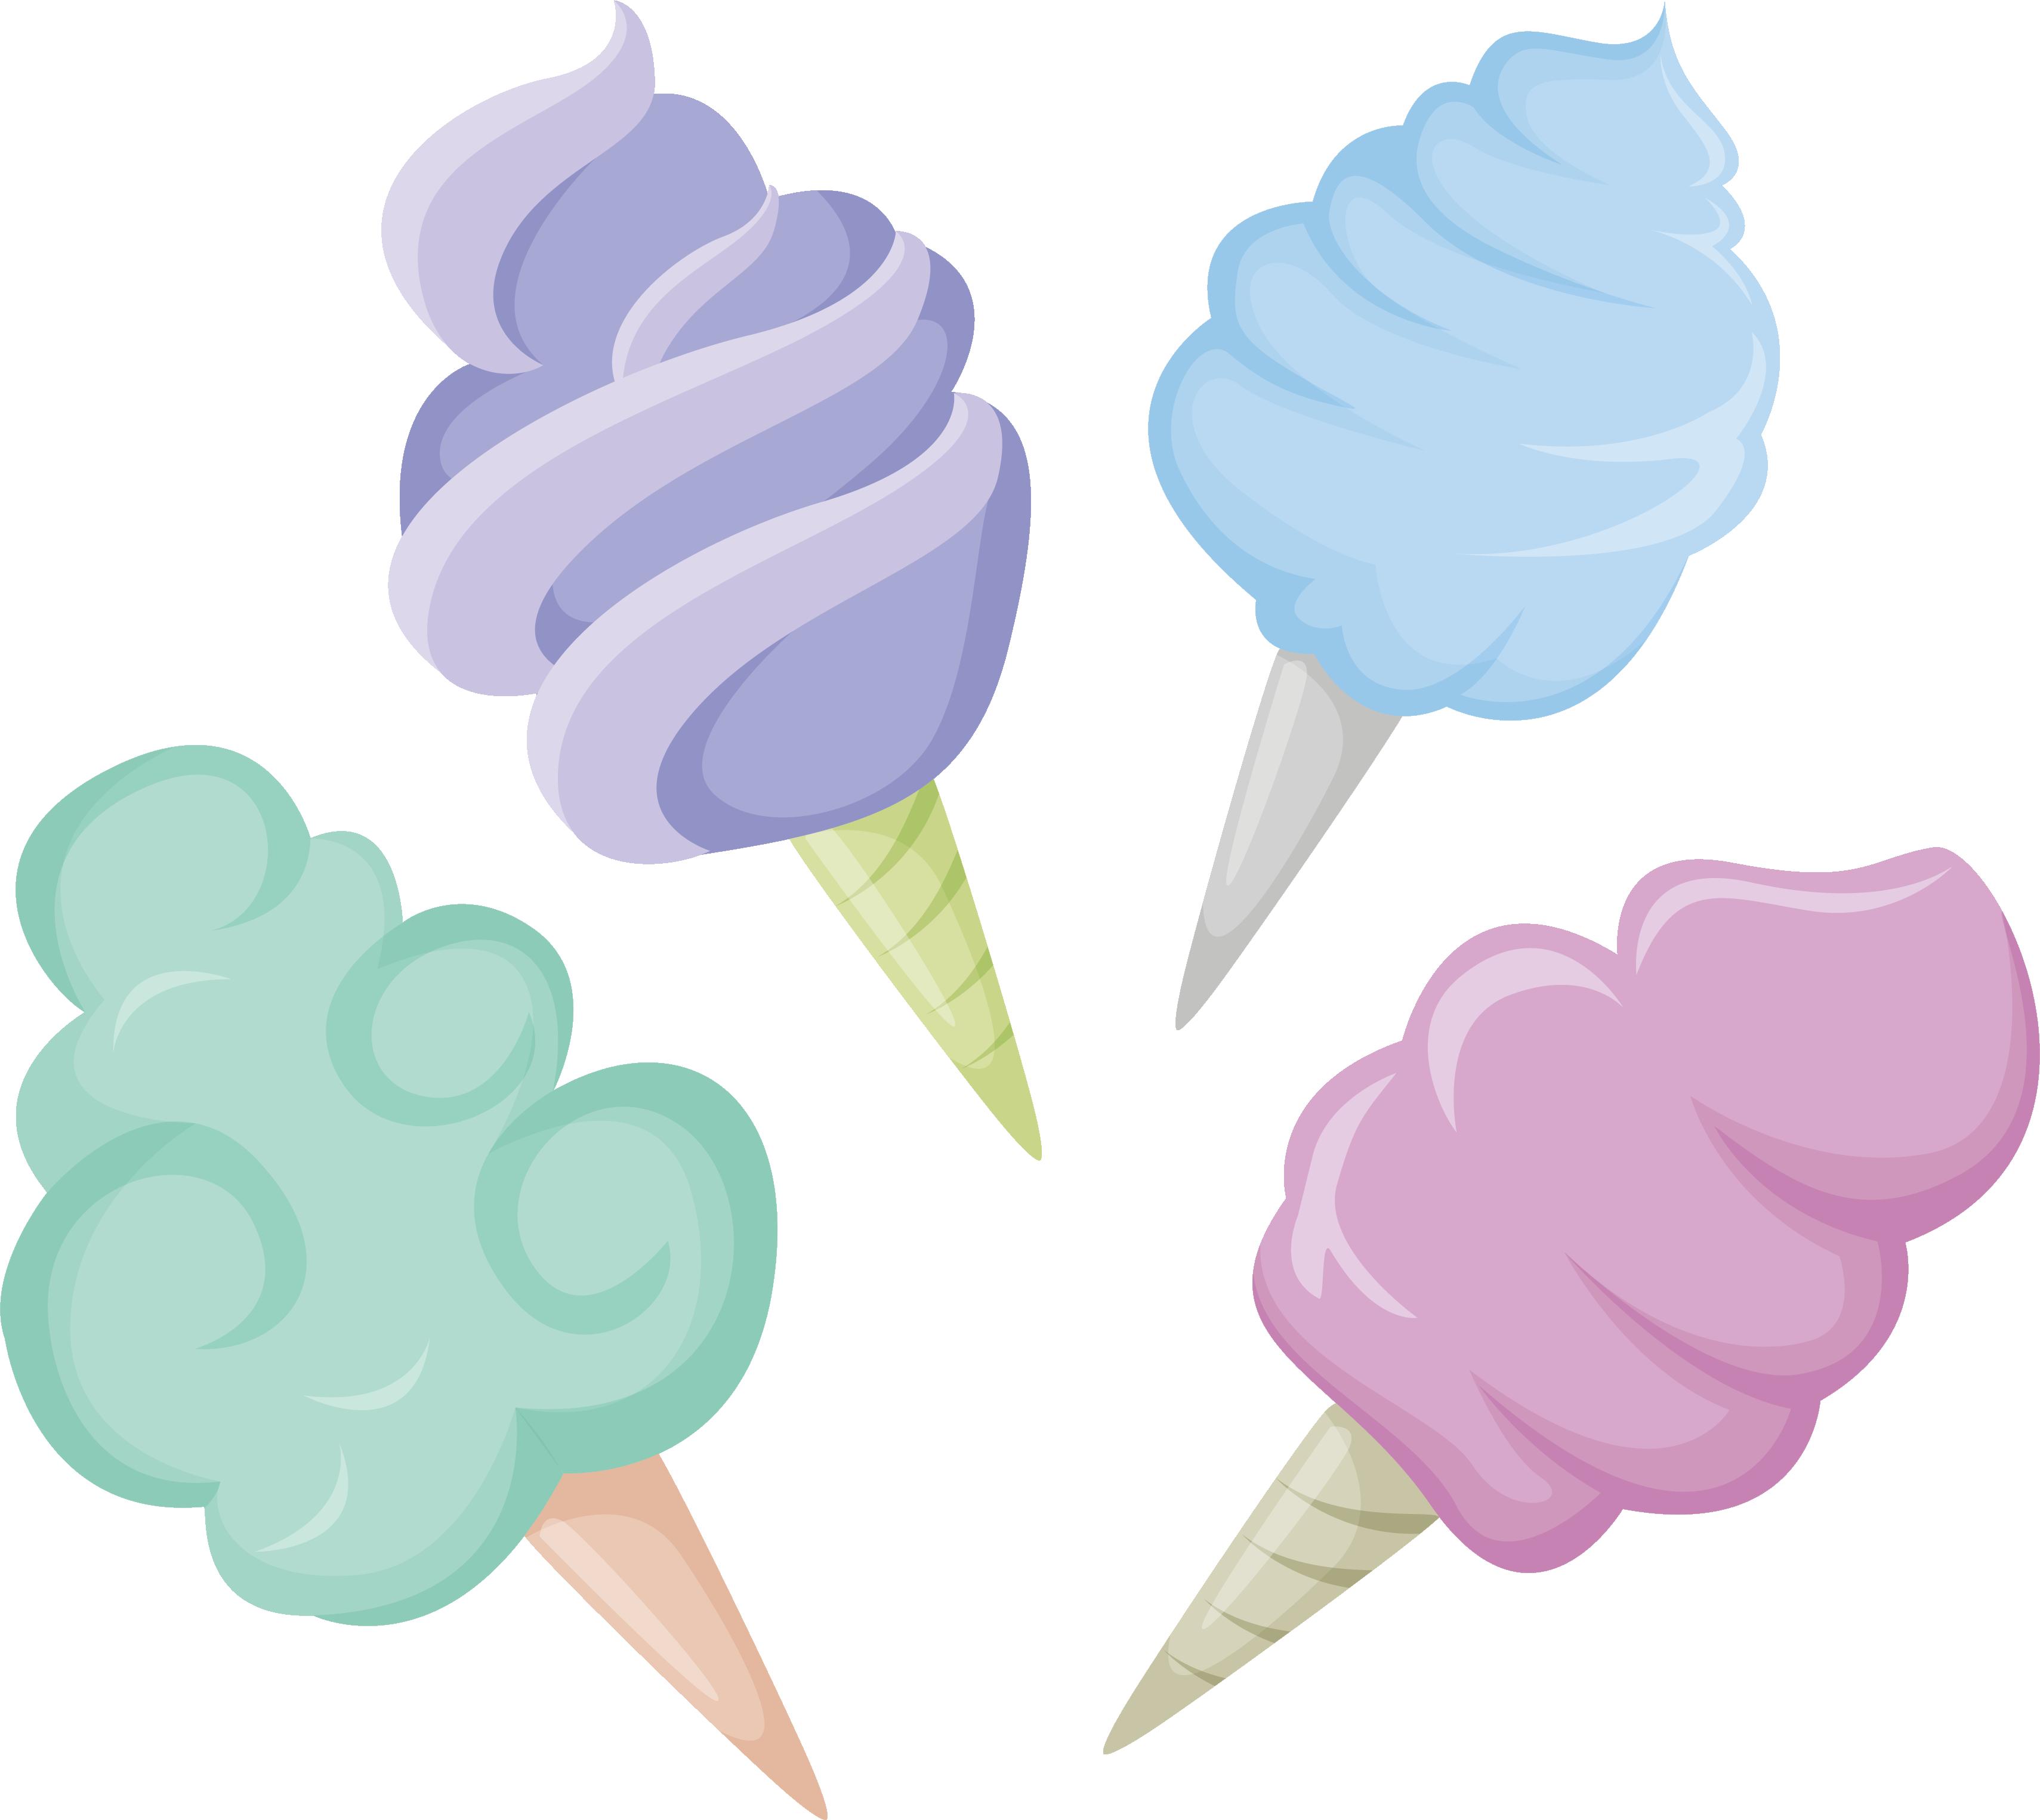 Desserts clipart colorful candy. Ice cream cotton sugar